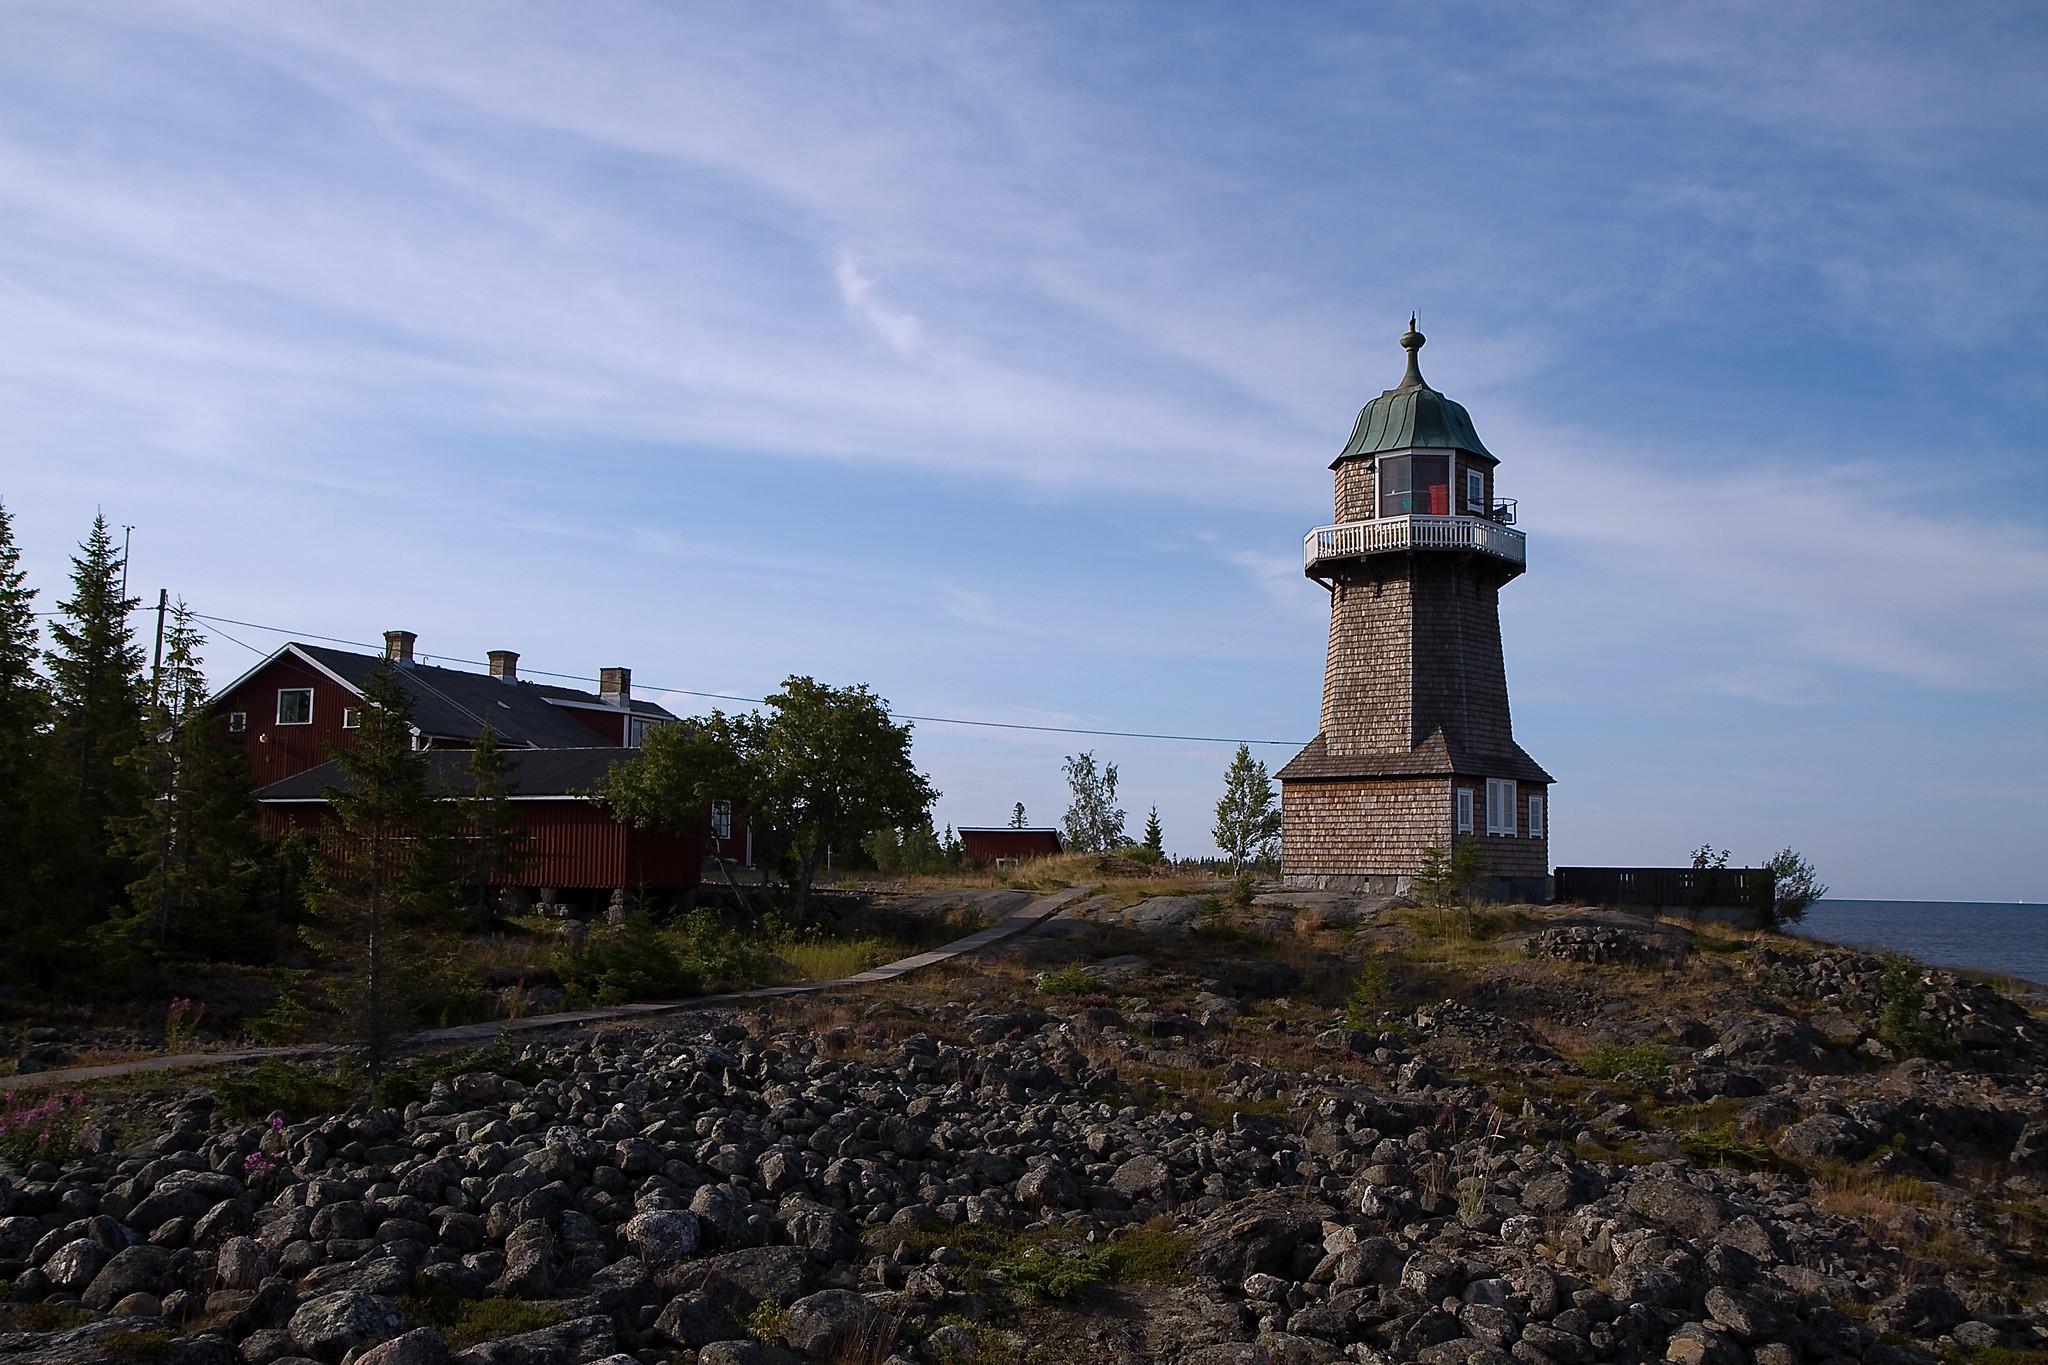 SM/DH0JAE SM/DL8MF Bergudden Lighthouse, Holmon Island, Sweden